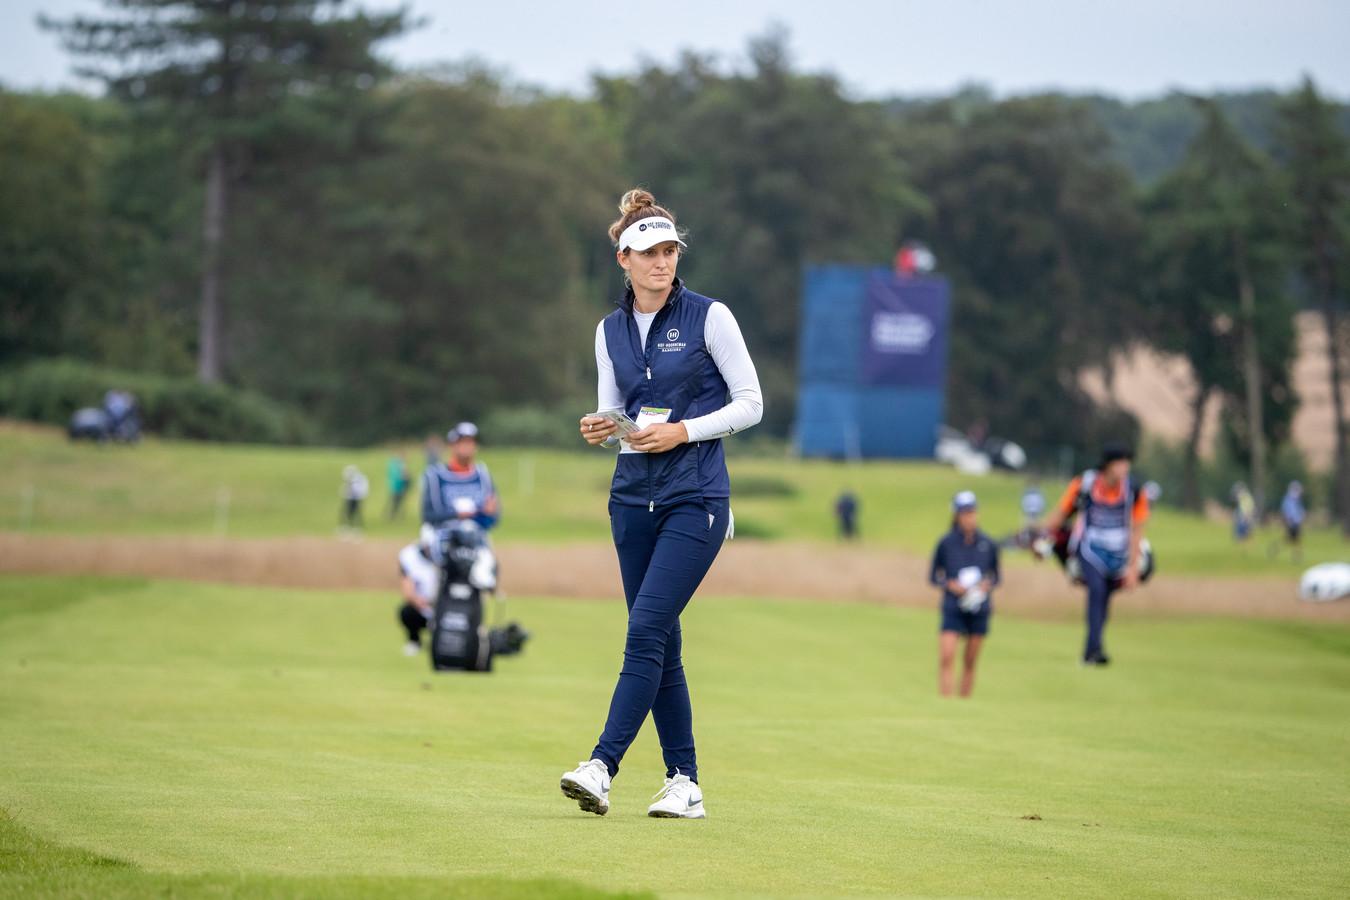 Anne van Dam lukte het niet haar positie te verbeteren op de tweede dag van het LPGA-toernooi in het Canadese Aurora.